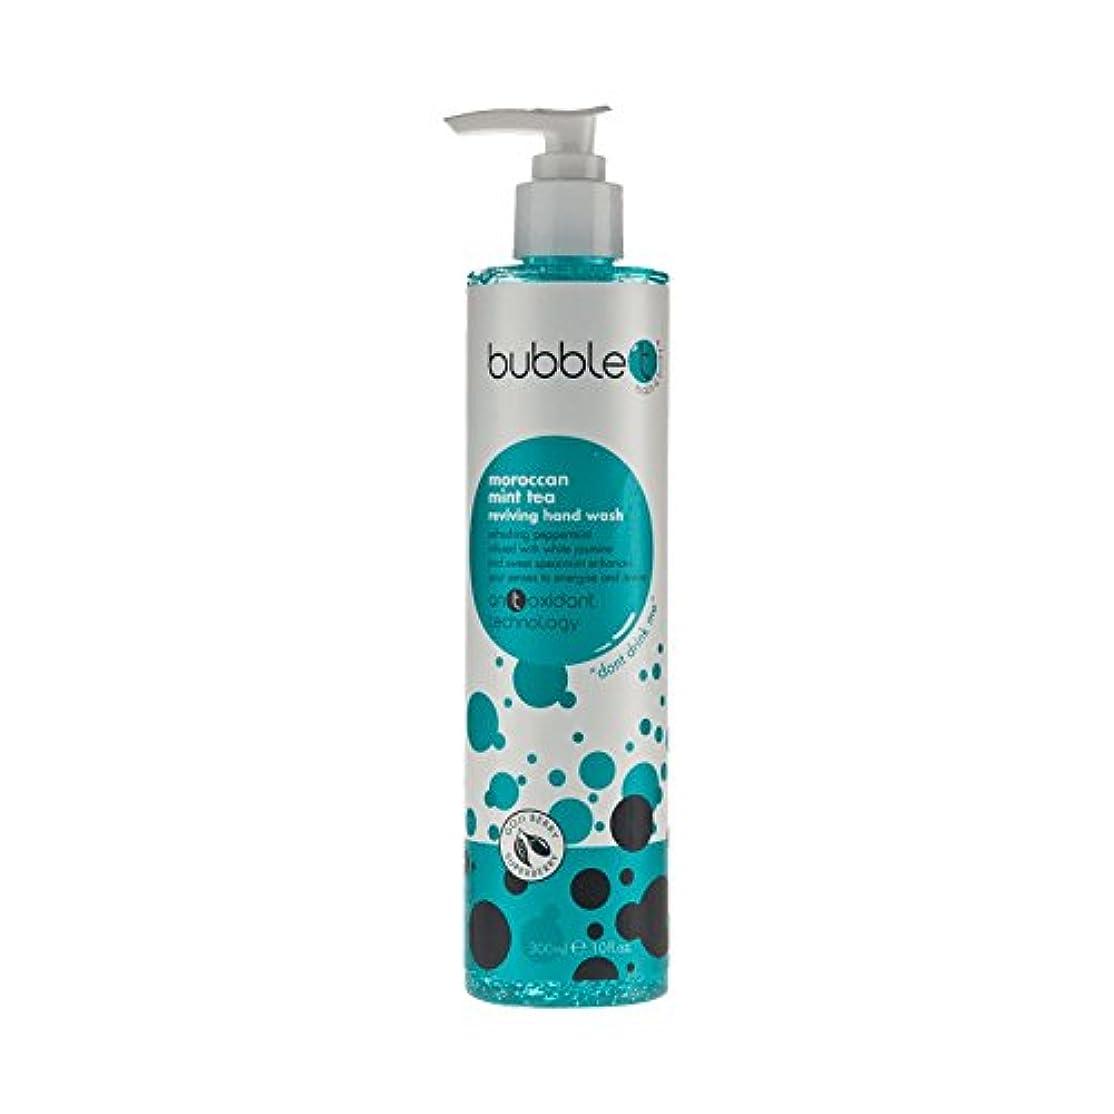 無駄な階隔離するバブルトン手洗いモロッコミント300ミリリットル - Bubble T Hand Wash Morrocan Mint 300ml (Bubble T) [並行輸入品]